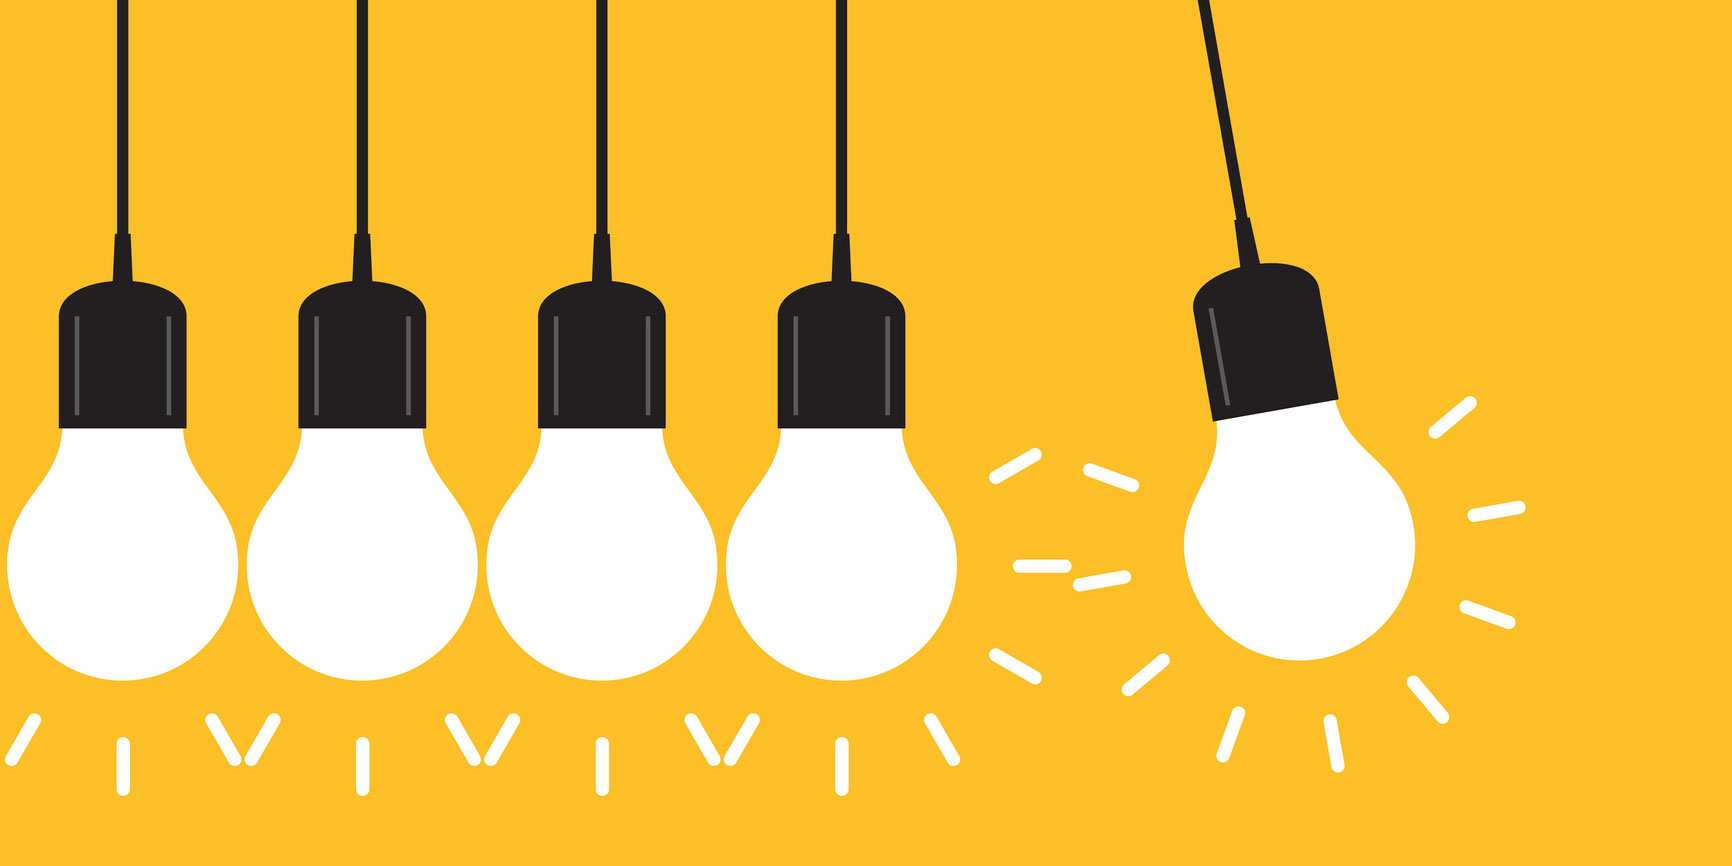 Marketing opérationnel et marketing stratégique : quelles différences